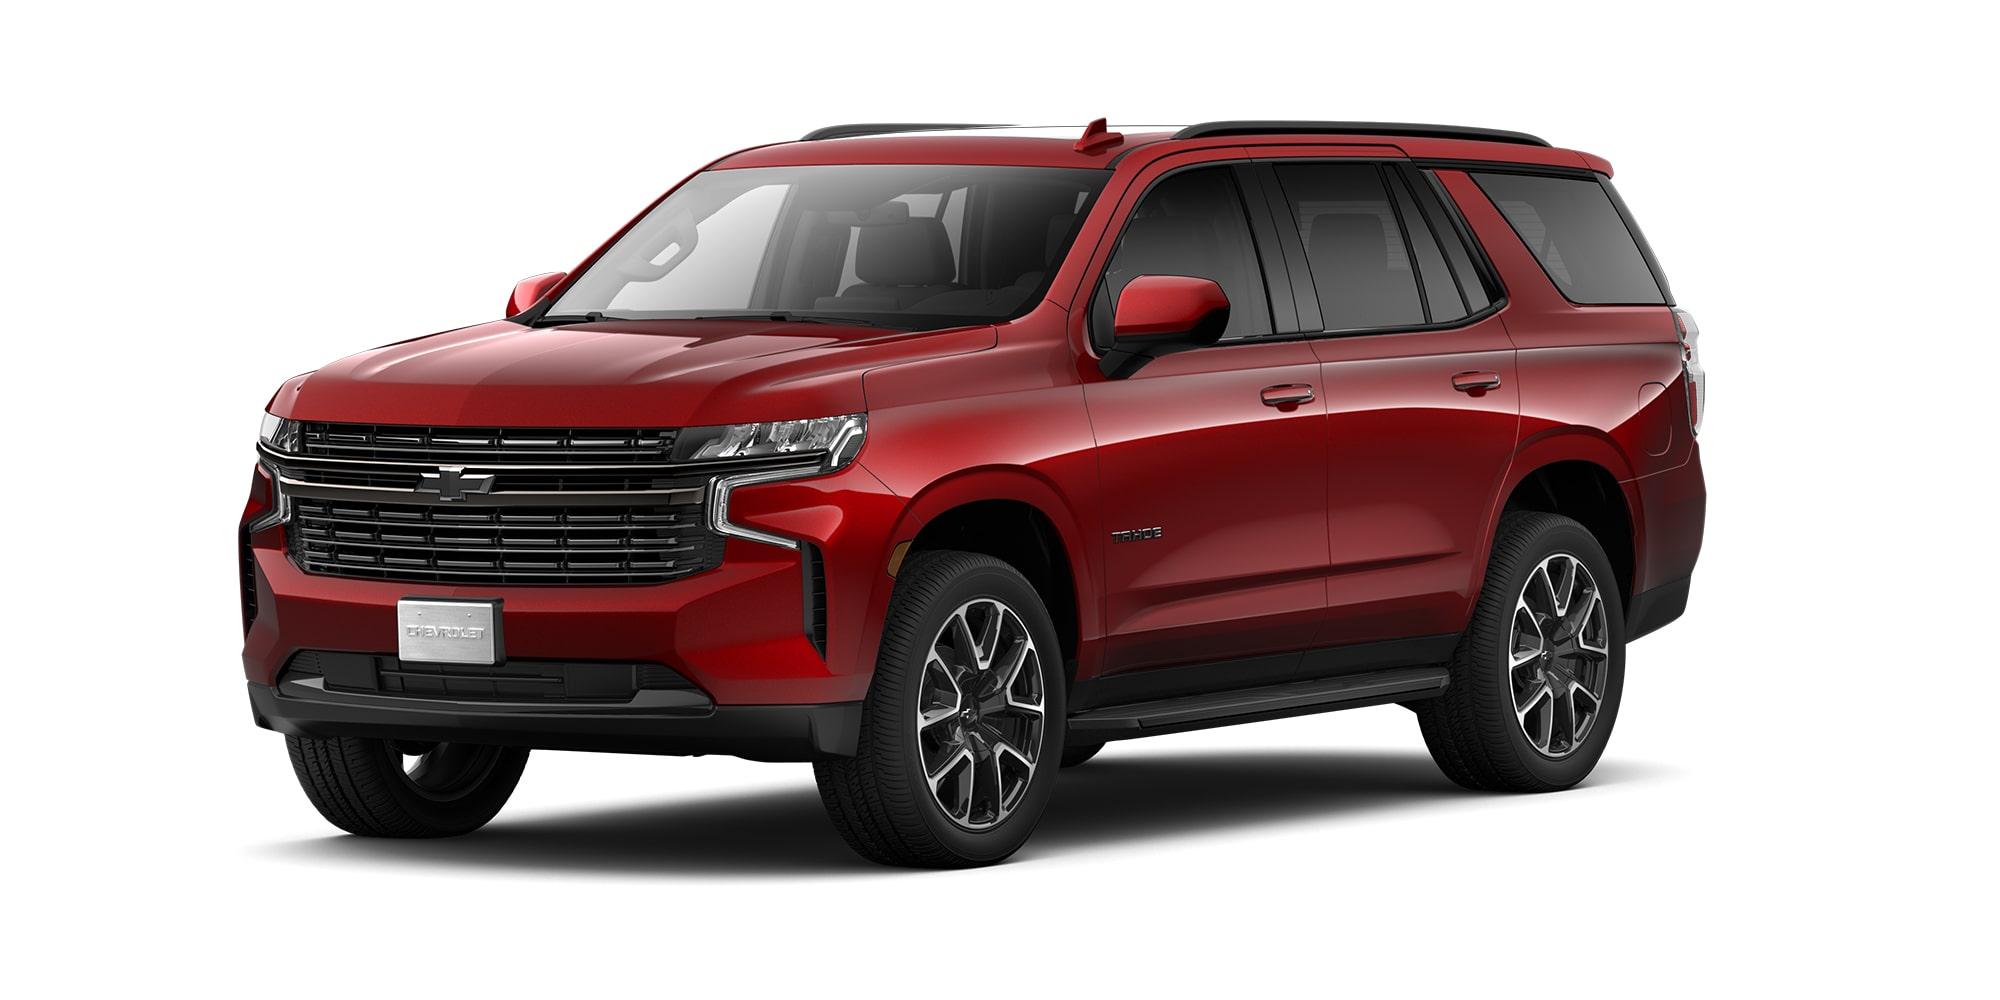 Chevrolet Tahoe 2021, SUV de 3 filas de asientos versión RST